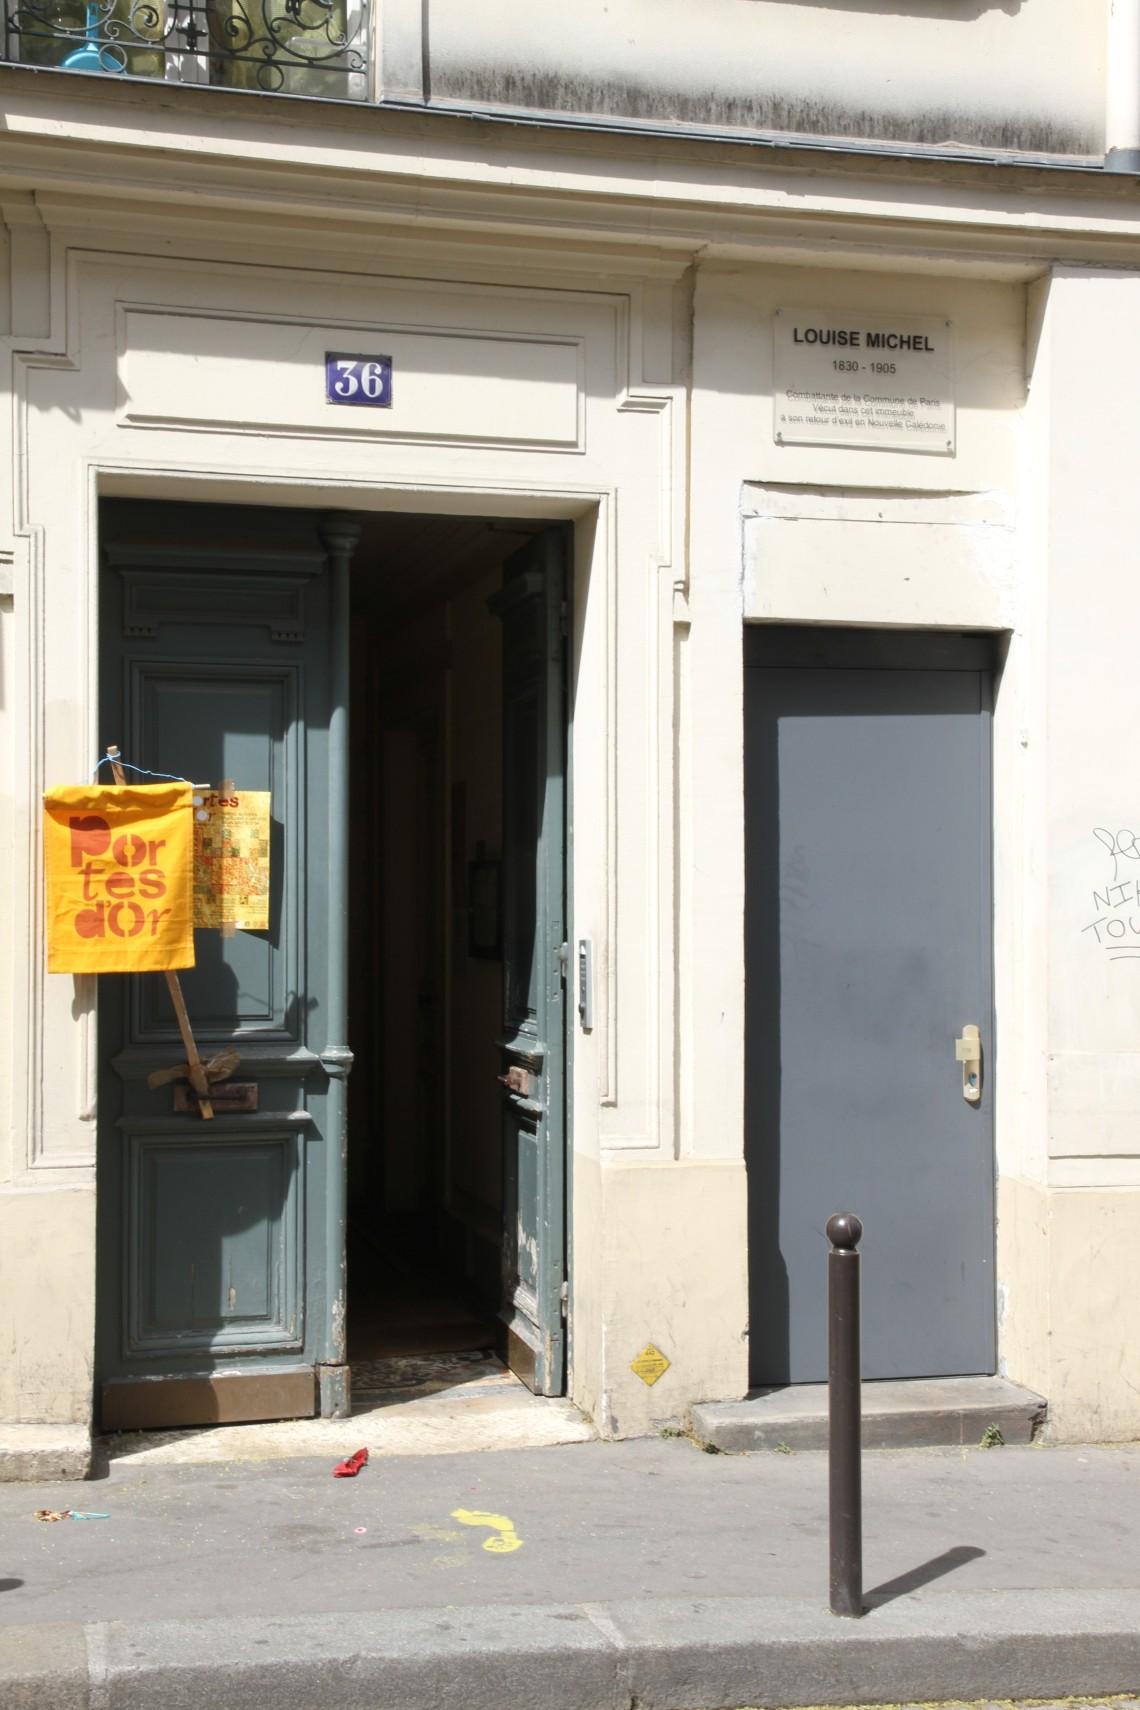 36 rue Polonceau, où habita Louise Michel après son retour de Nouvelle Calédonie. Photo : André Lange-Médart